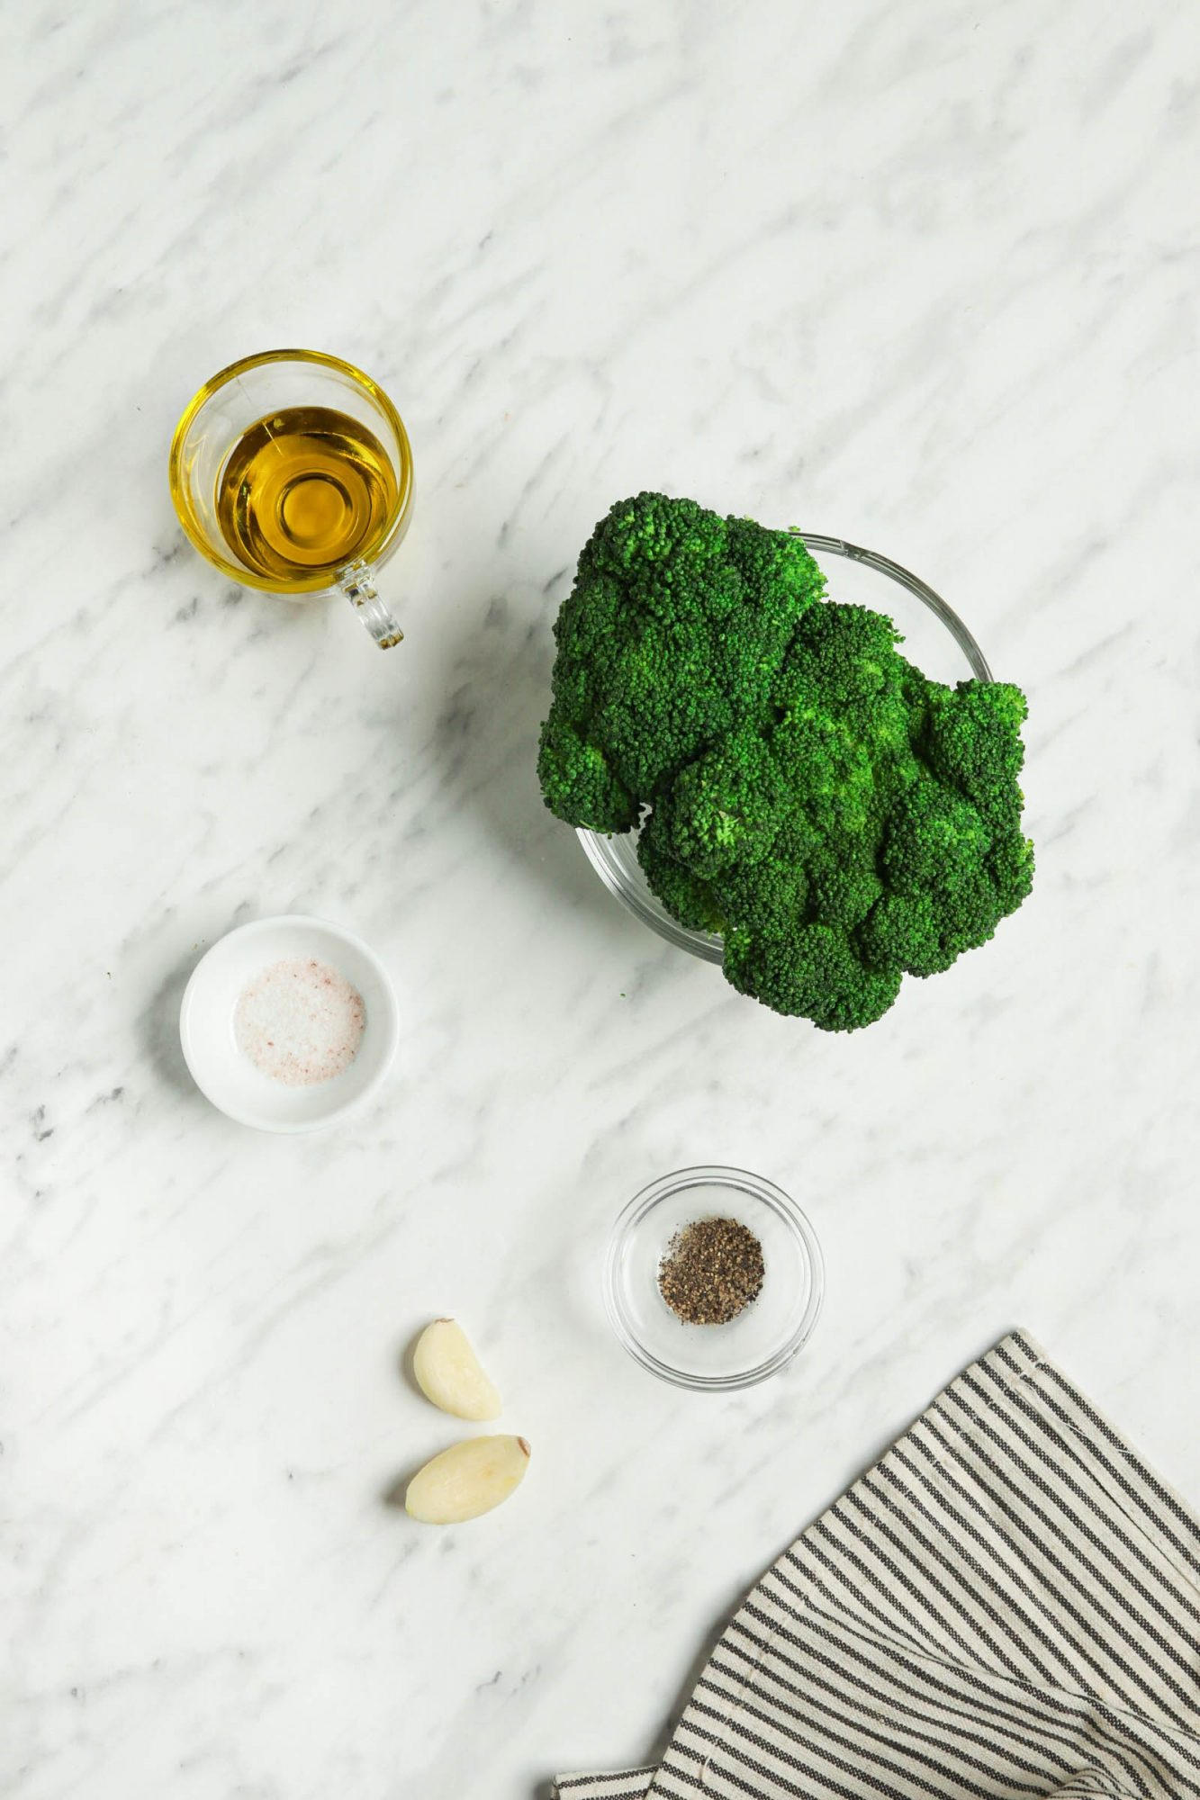 Sautéed Garlic Ingredients